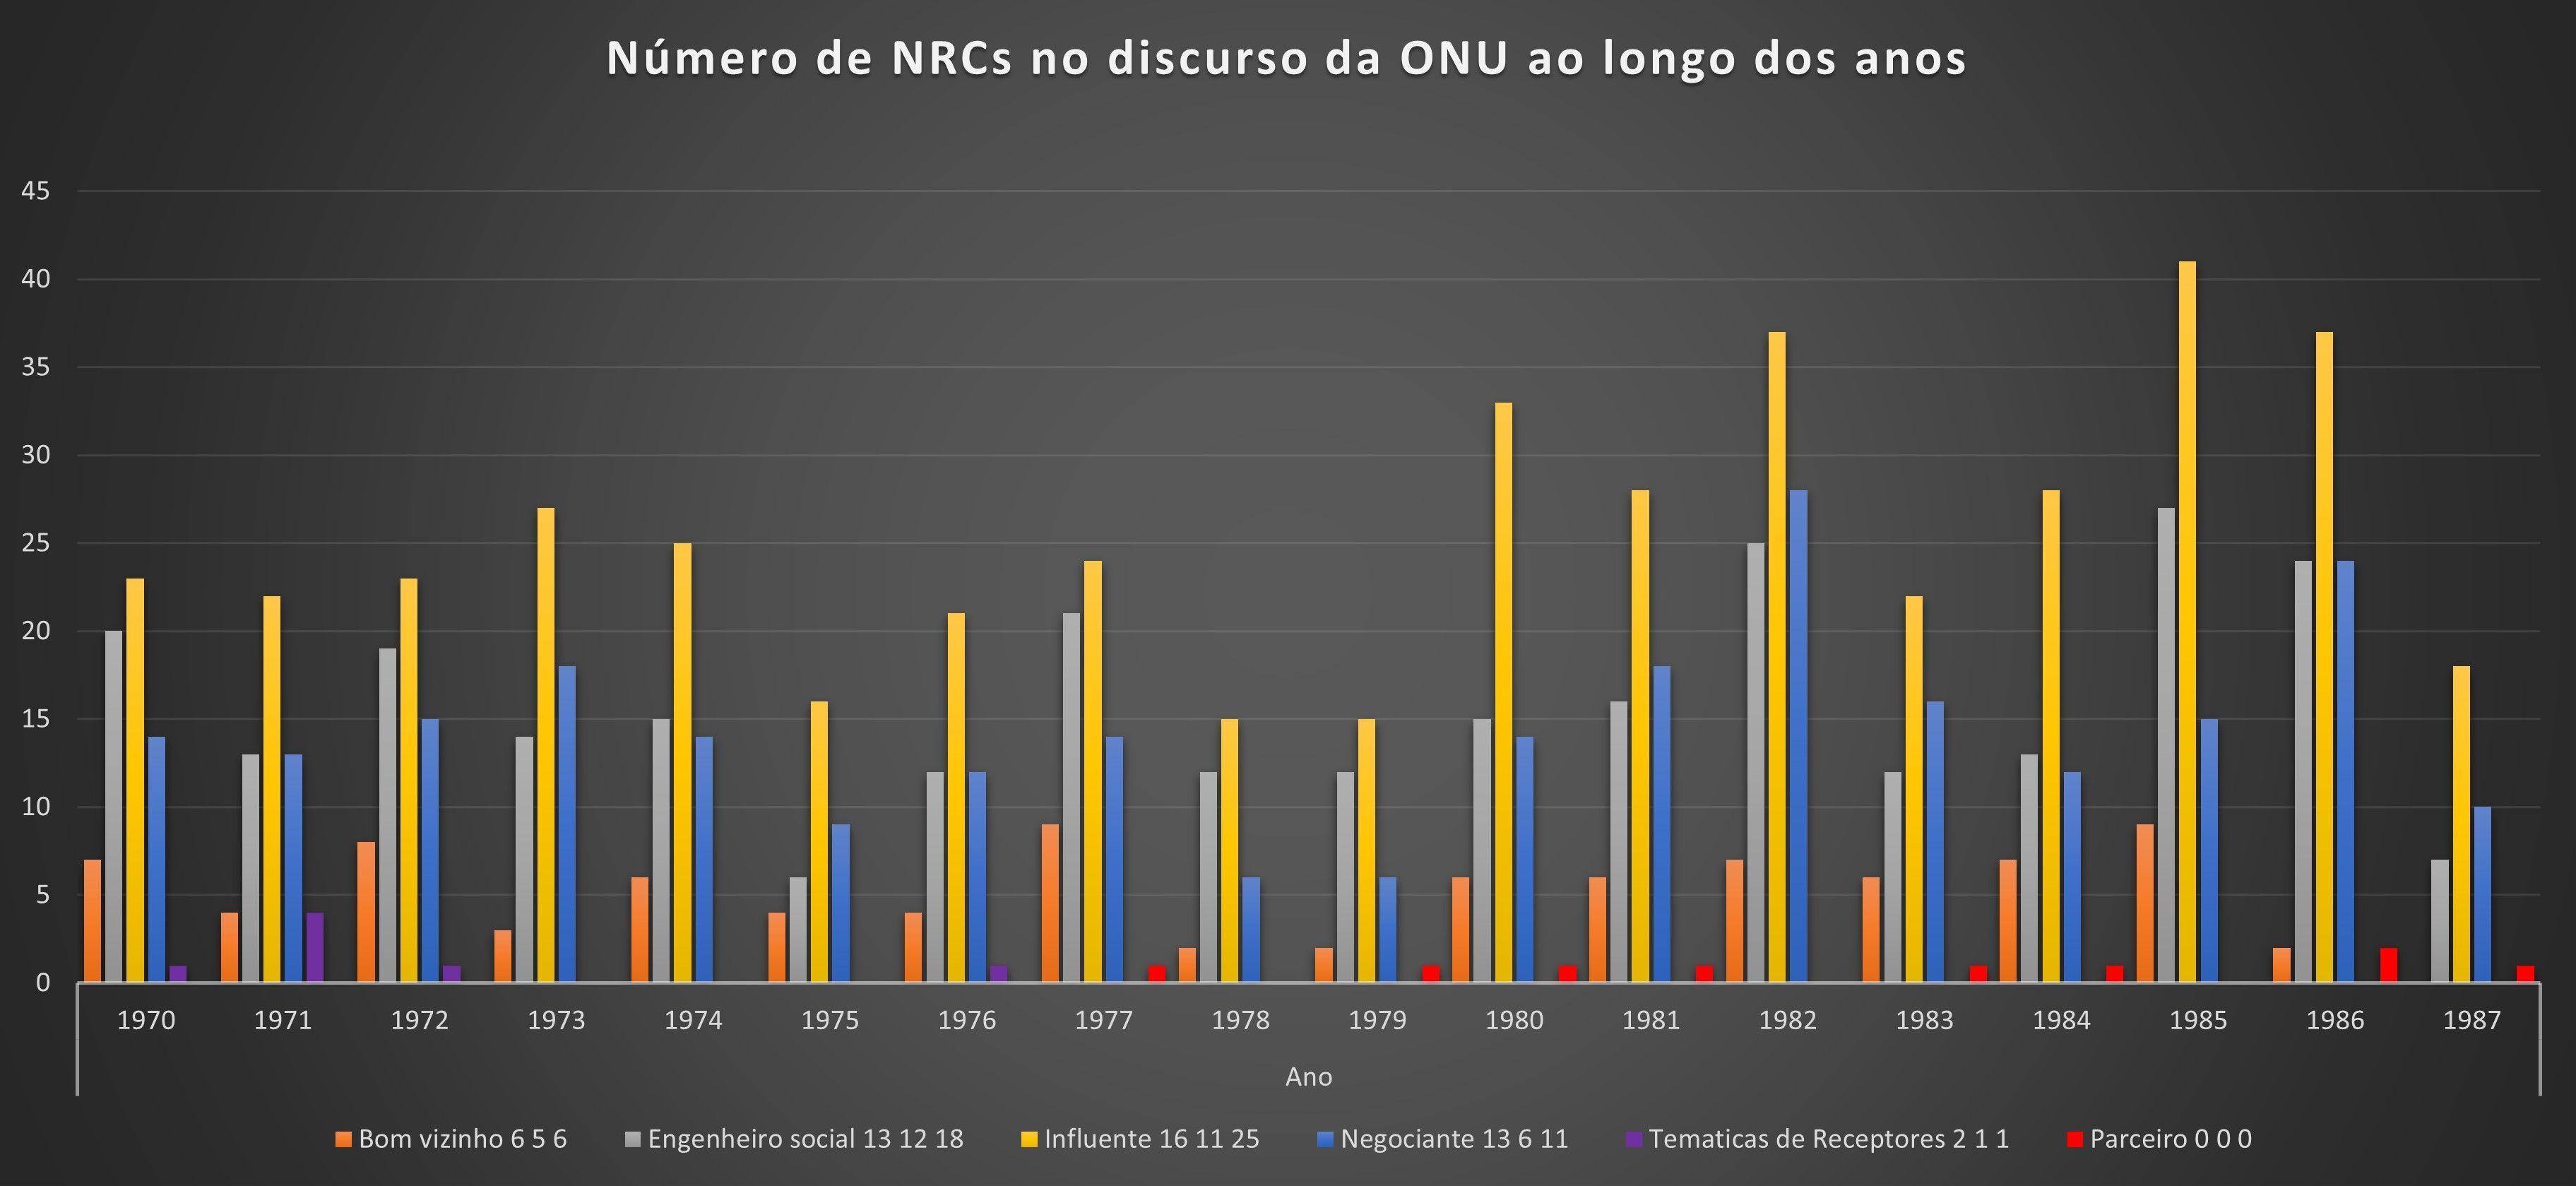 Quantidade de NRC presentes no campo da CID entre 1970-1987